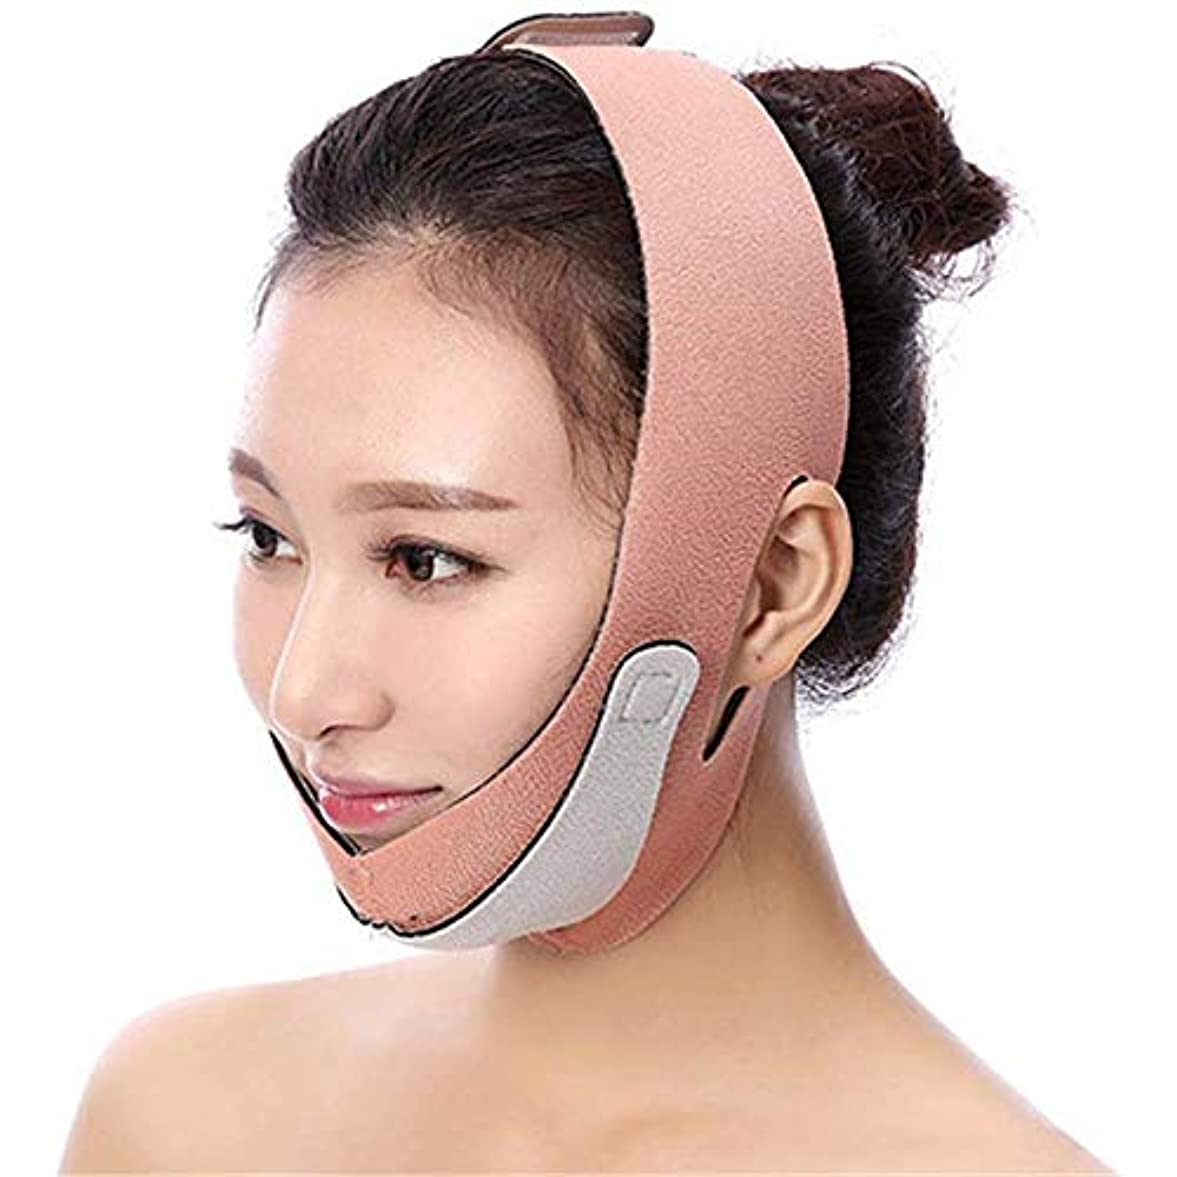 しがみつく宮殿純粋にWSJTT 顔のスリミングチンストラップ - チンをエイジングアンチフェイシャルマスクを持ち上げ - 皮膚のたるみ二重あごケア減量フェイスベルト、Vフェイスライン包帯ネックサポートフェイシャルリフトを排除